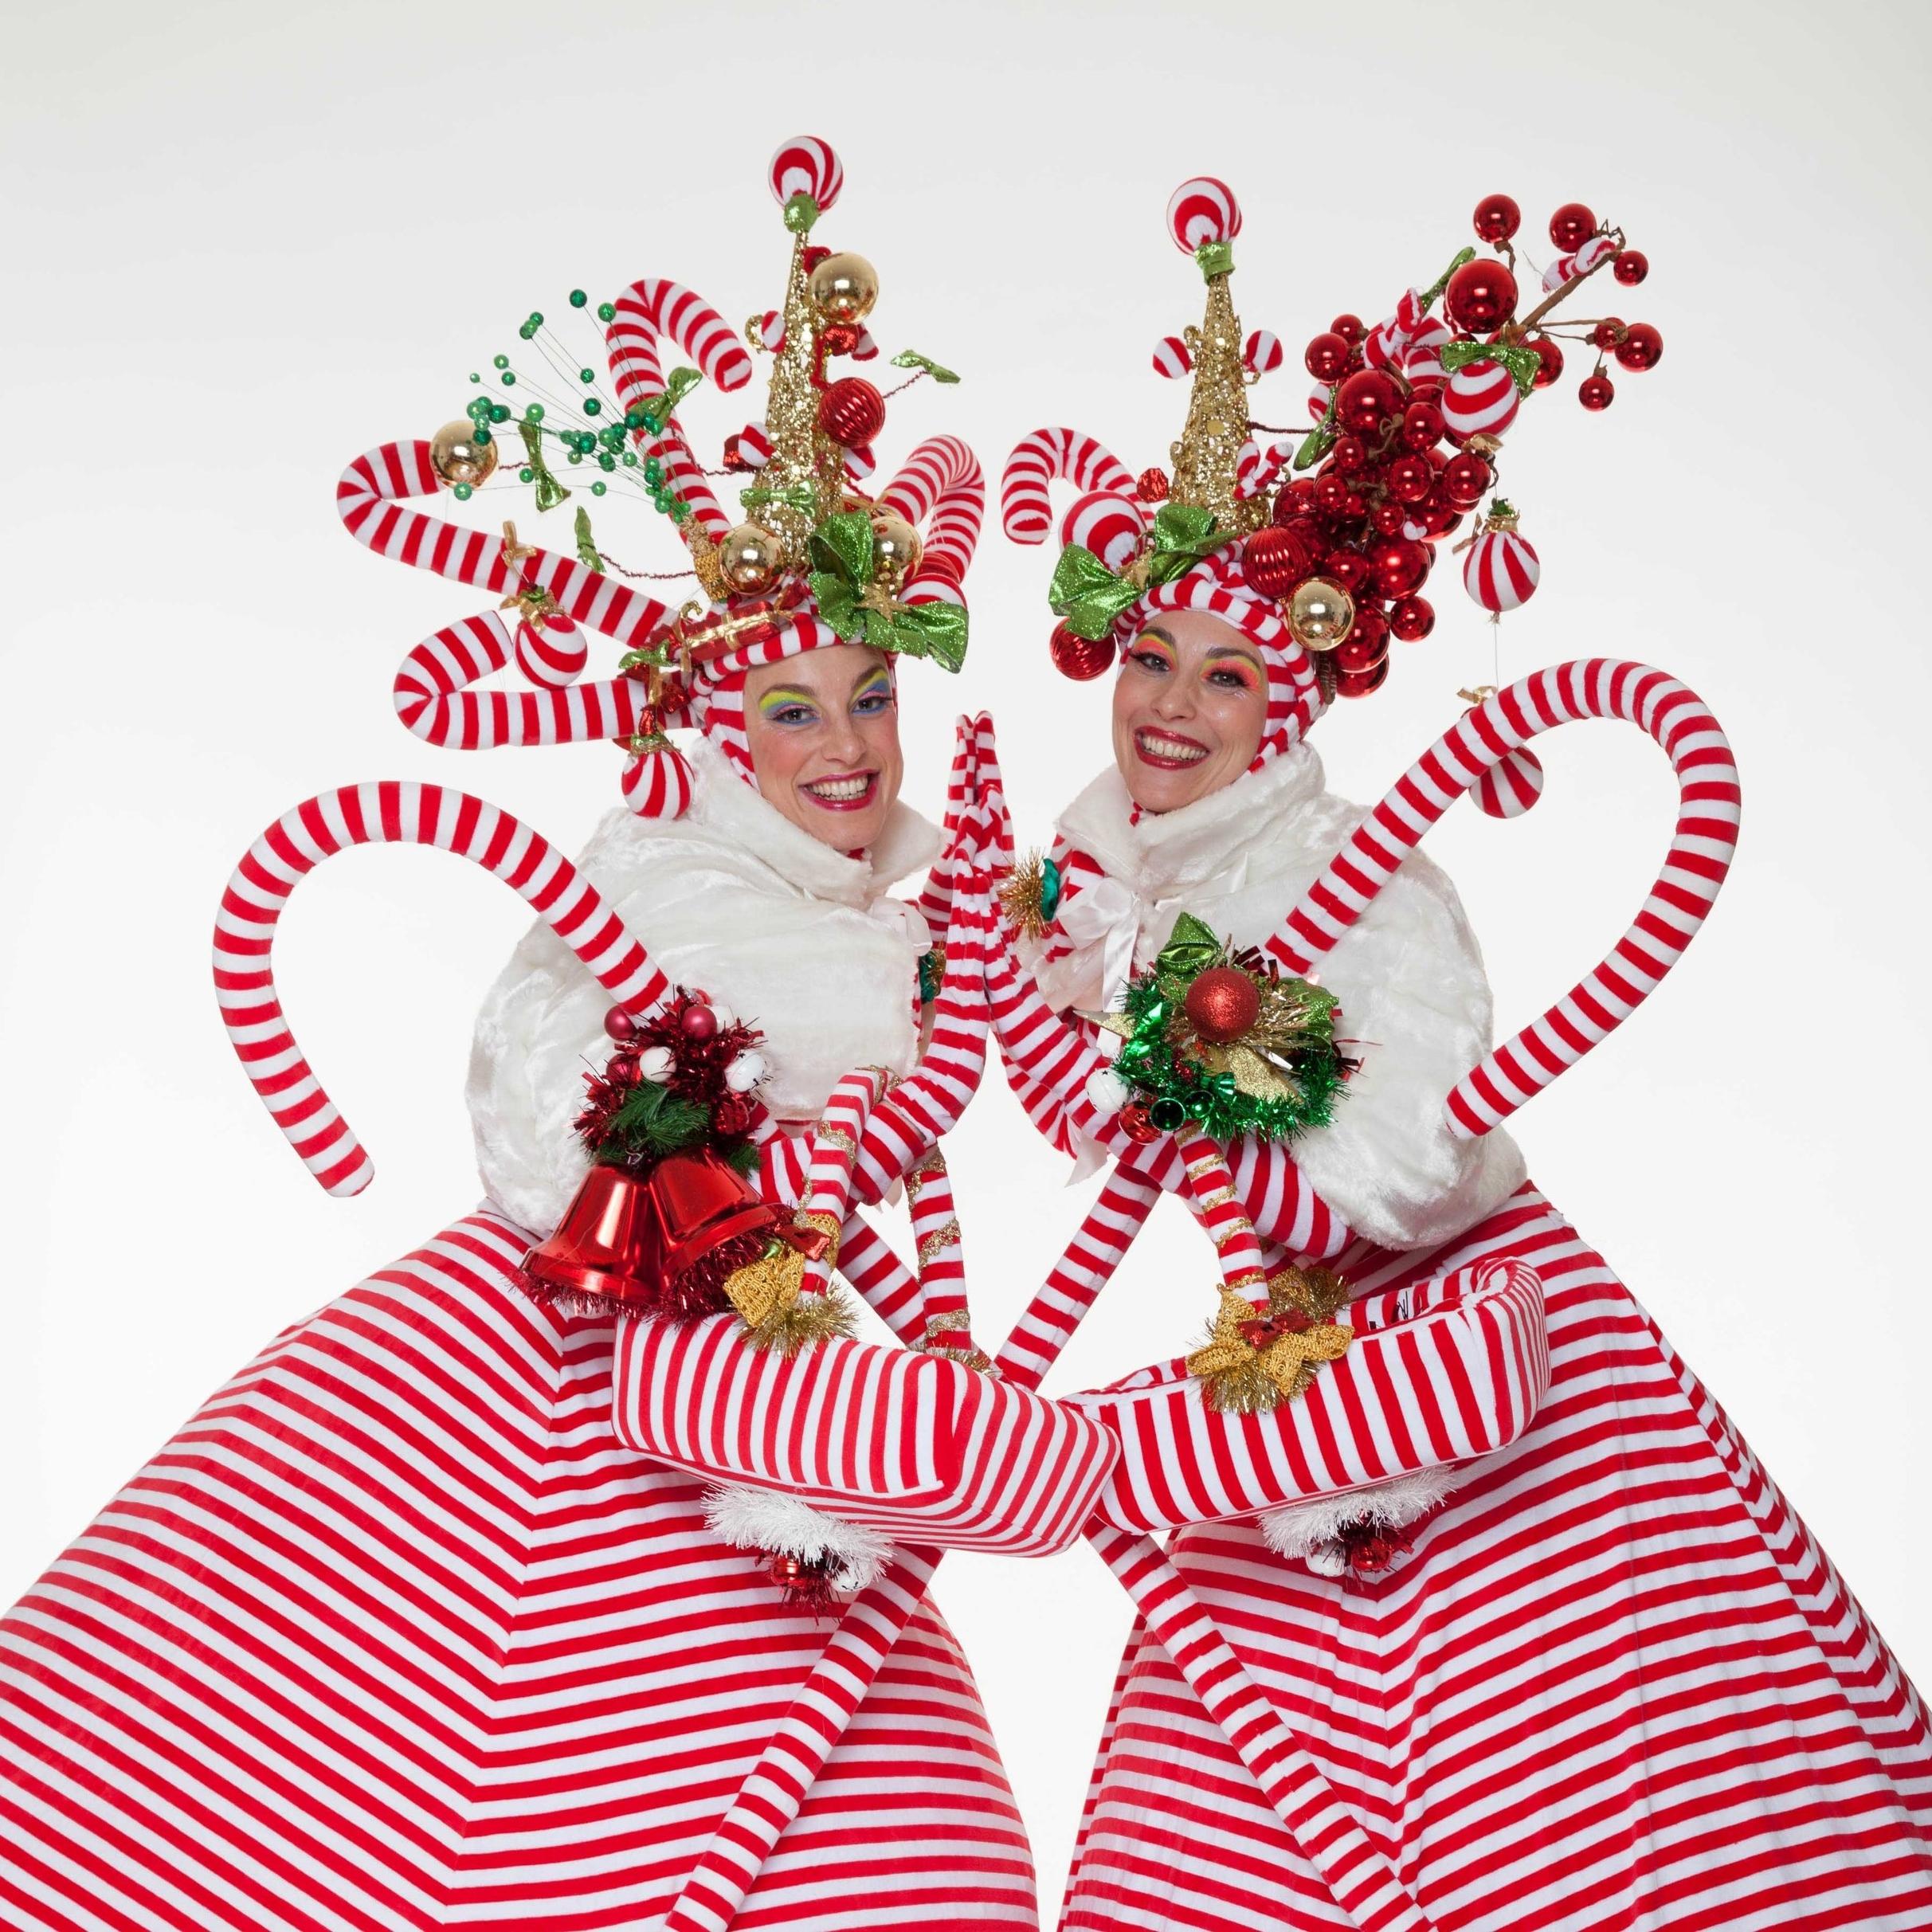 DÉFILÉ DES GRANDS ÉCHASSIERS - DATES : Vendredi 28 décembre entre 17h et 21hSamedi 29 décembre entre 14h et 17h30Dimanche 30 décembre entre 14h et 17h30LIEU :Dans tout le Marché de NoëlLes géantes de Joanna Peacock défileront dans leur costumes farfelus de Noël, un show à ne pas manquer!